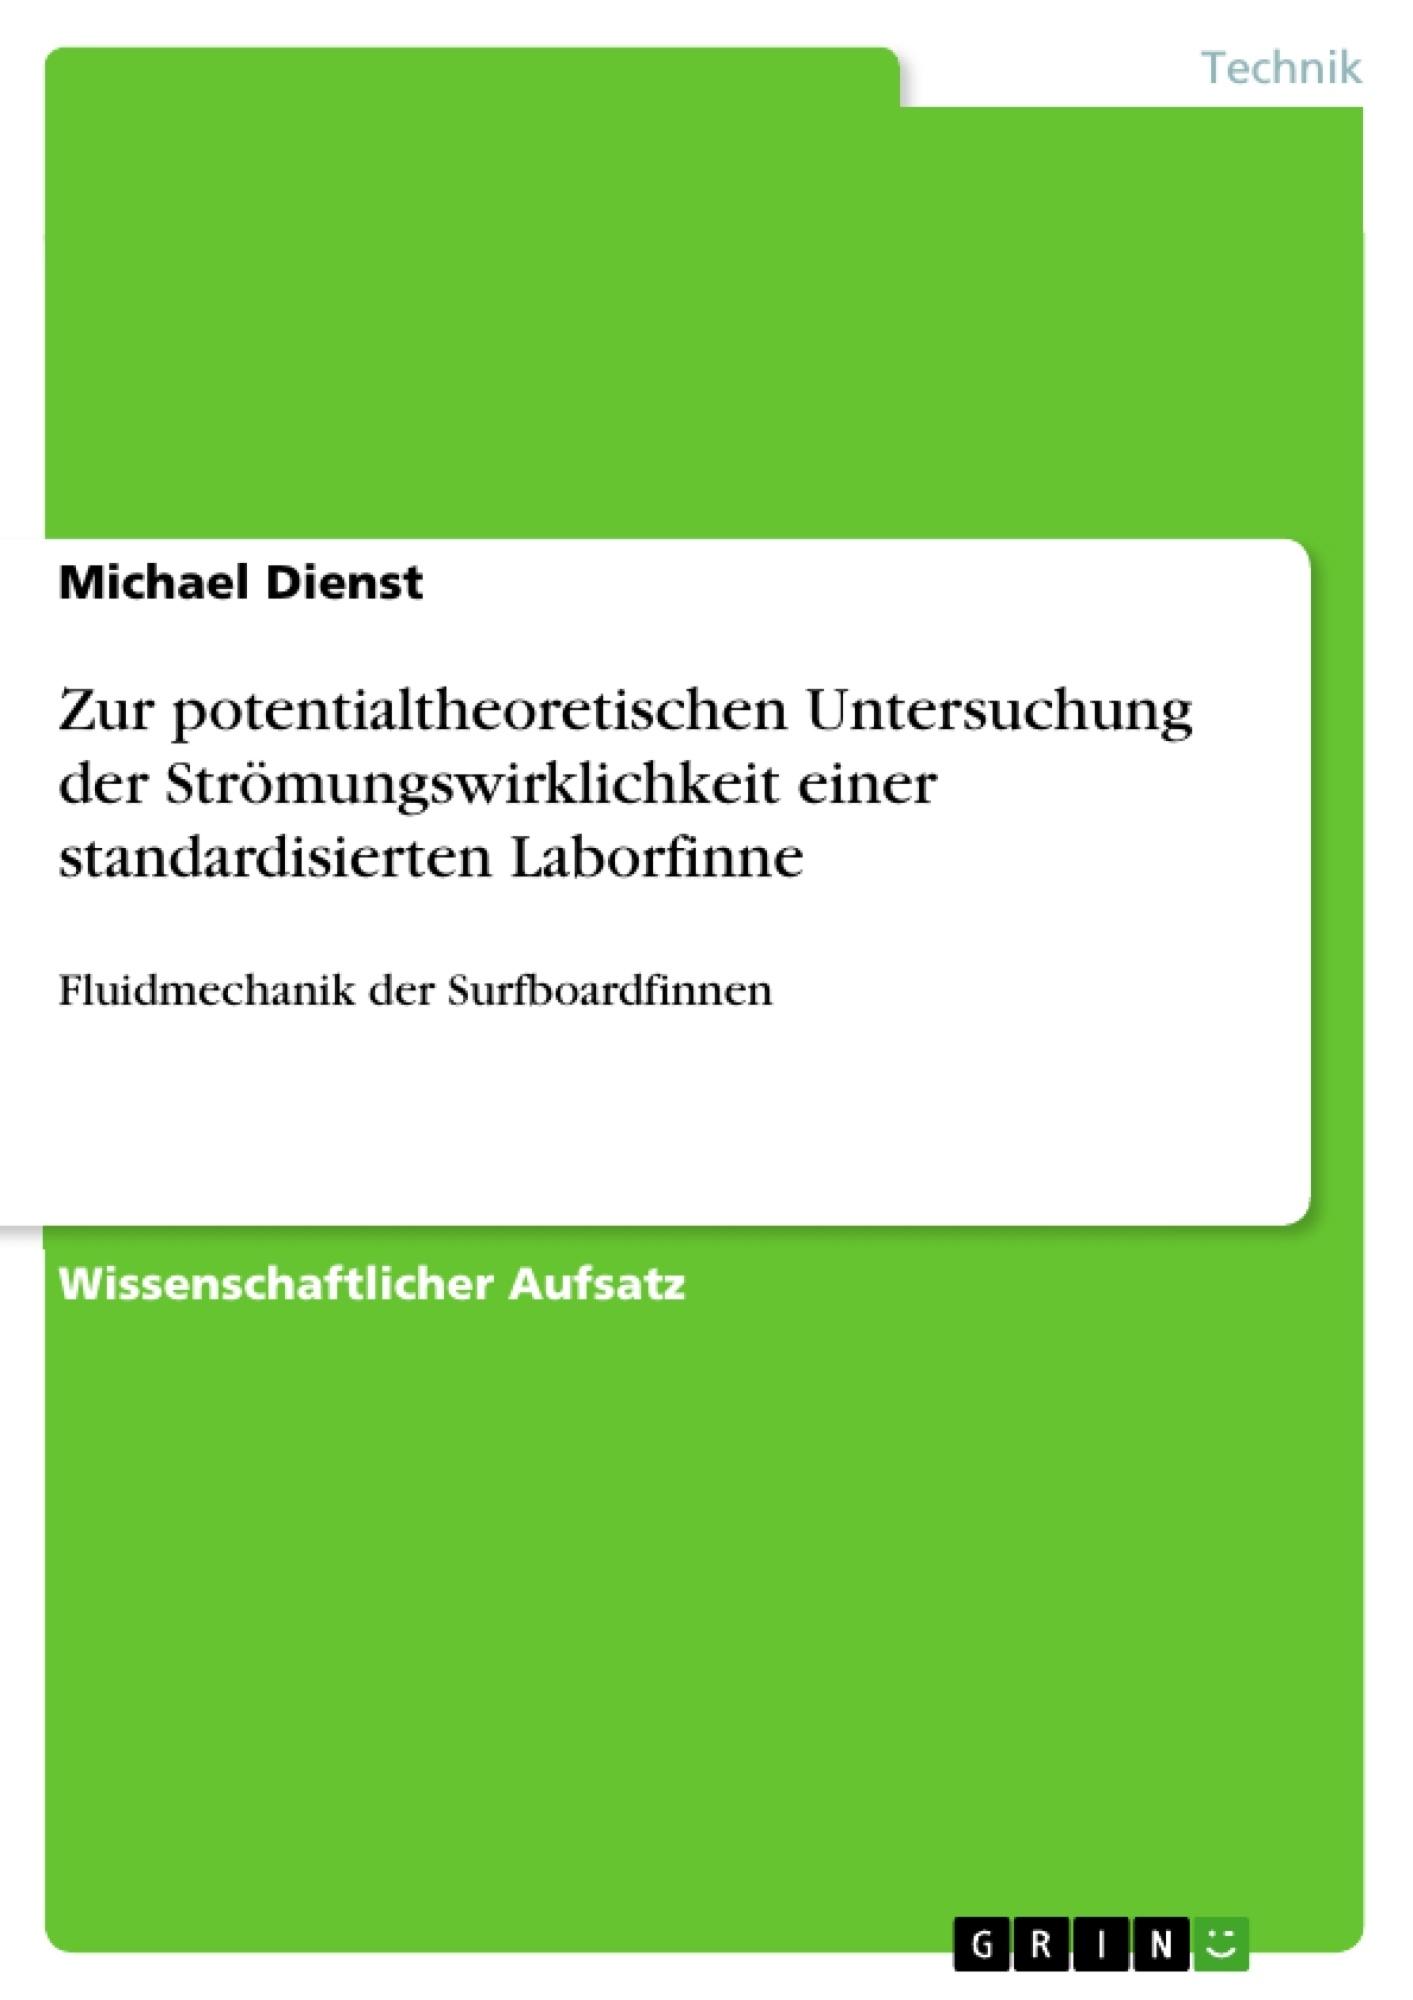 Titel: Zur potentialtheoretischen Untersuchung der Strömungswirklichkeit einer standardisierten Laborfinne